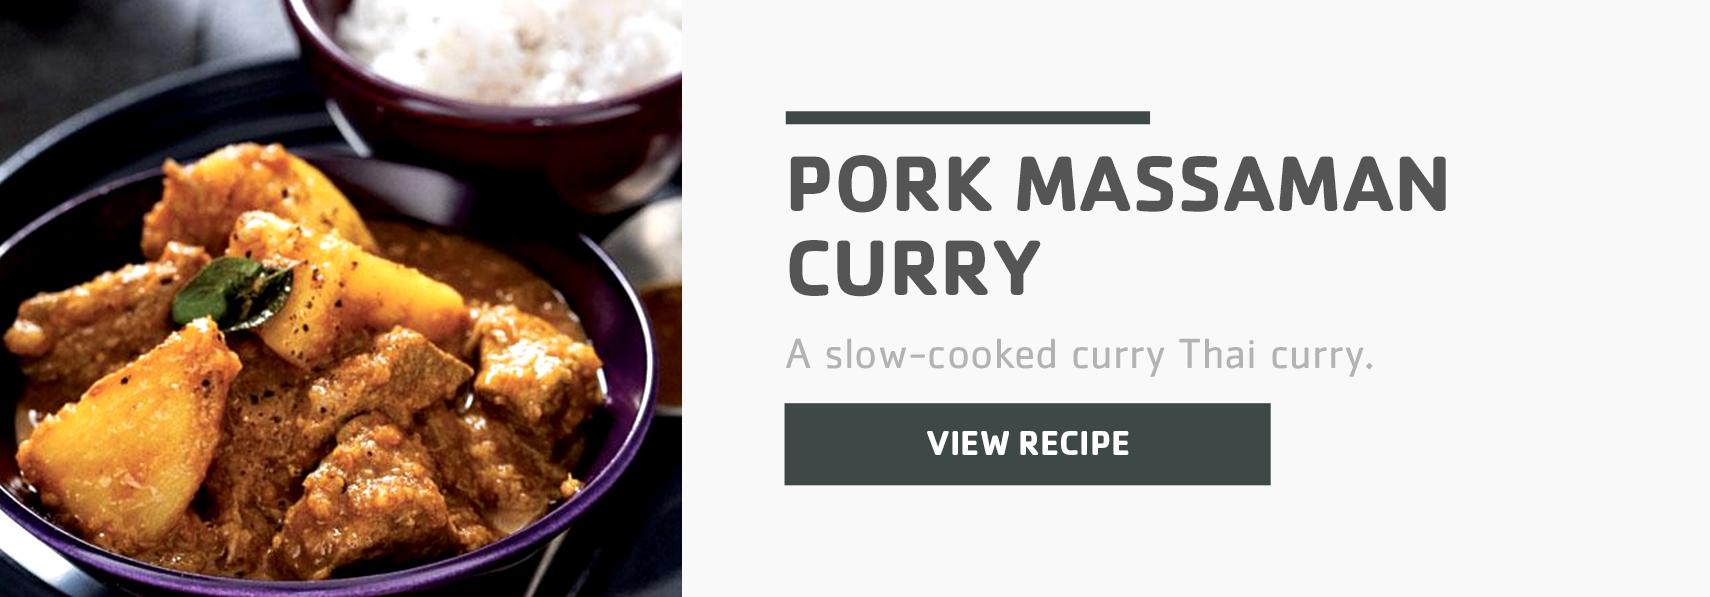 Pork-Massaman-Curry-.jpg